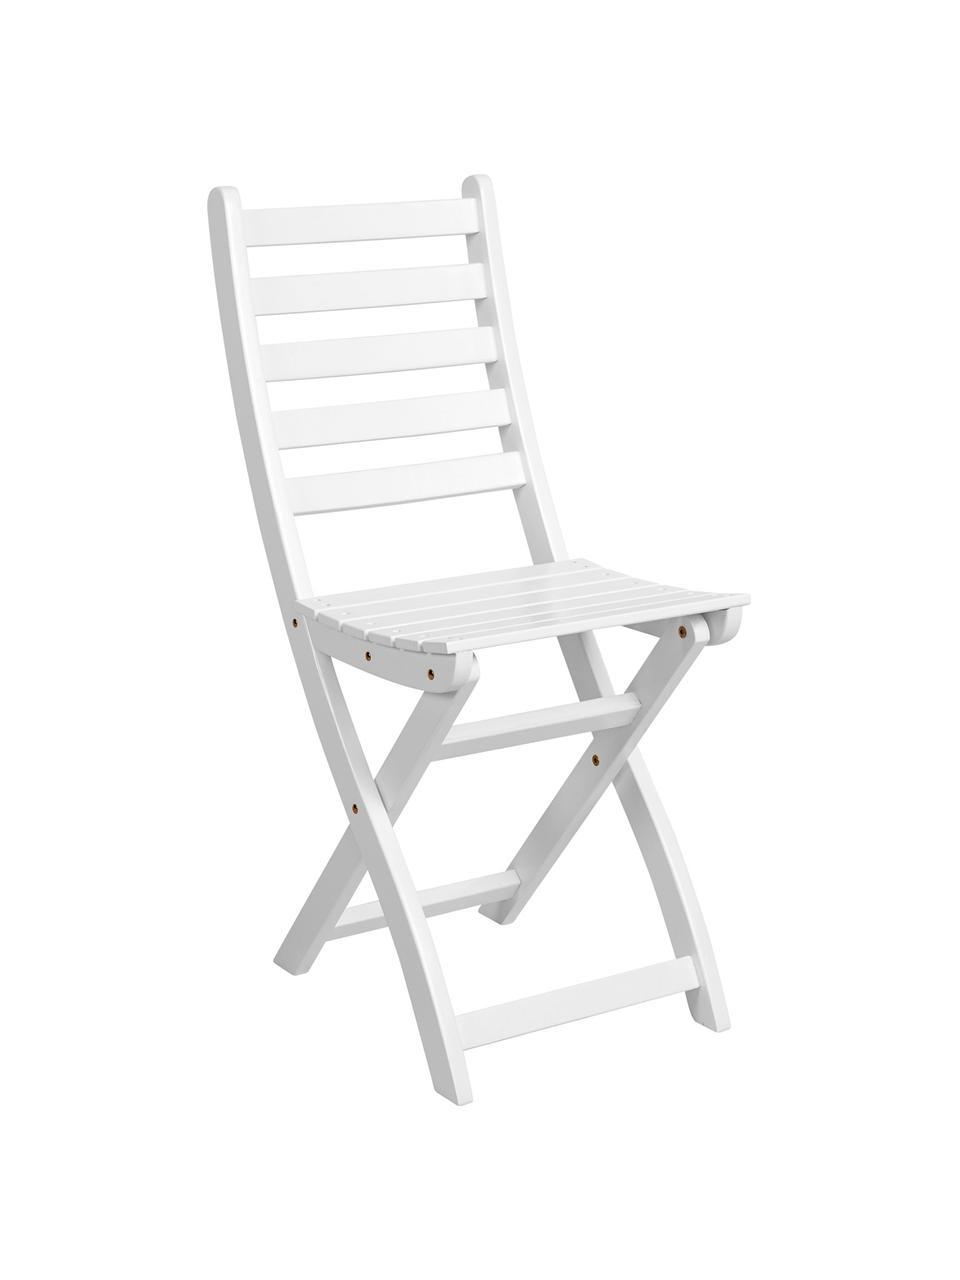 Krzesło składane Lodge, 2 szt., Drewno akacjowe, lakierowane, Biały, S 36 x W 86 cm